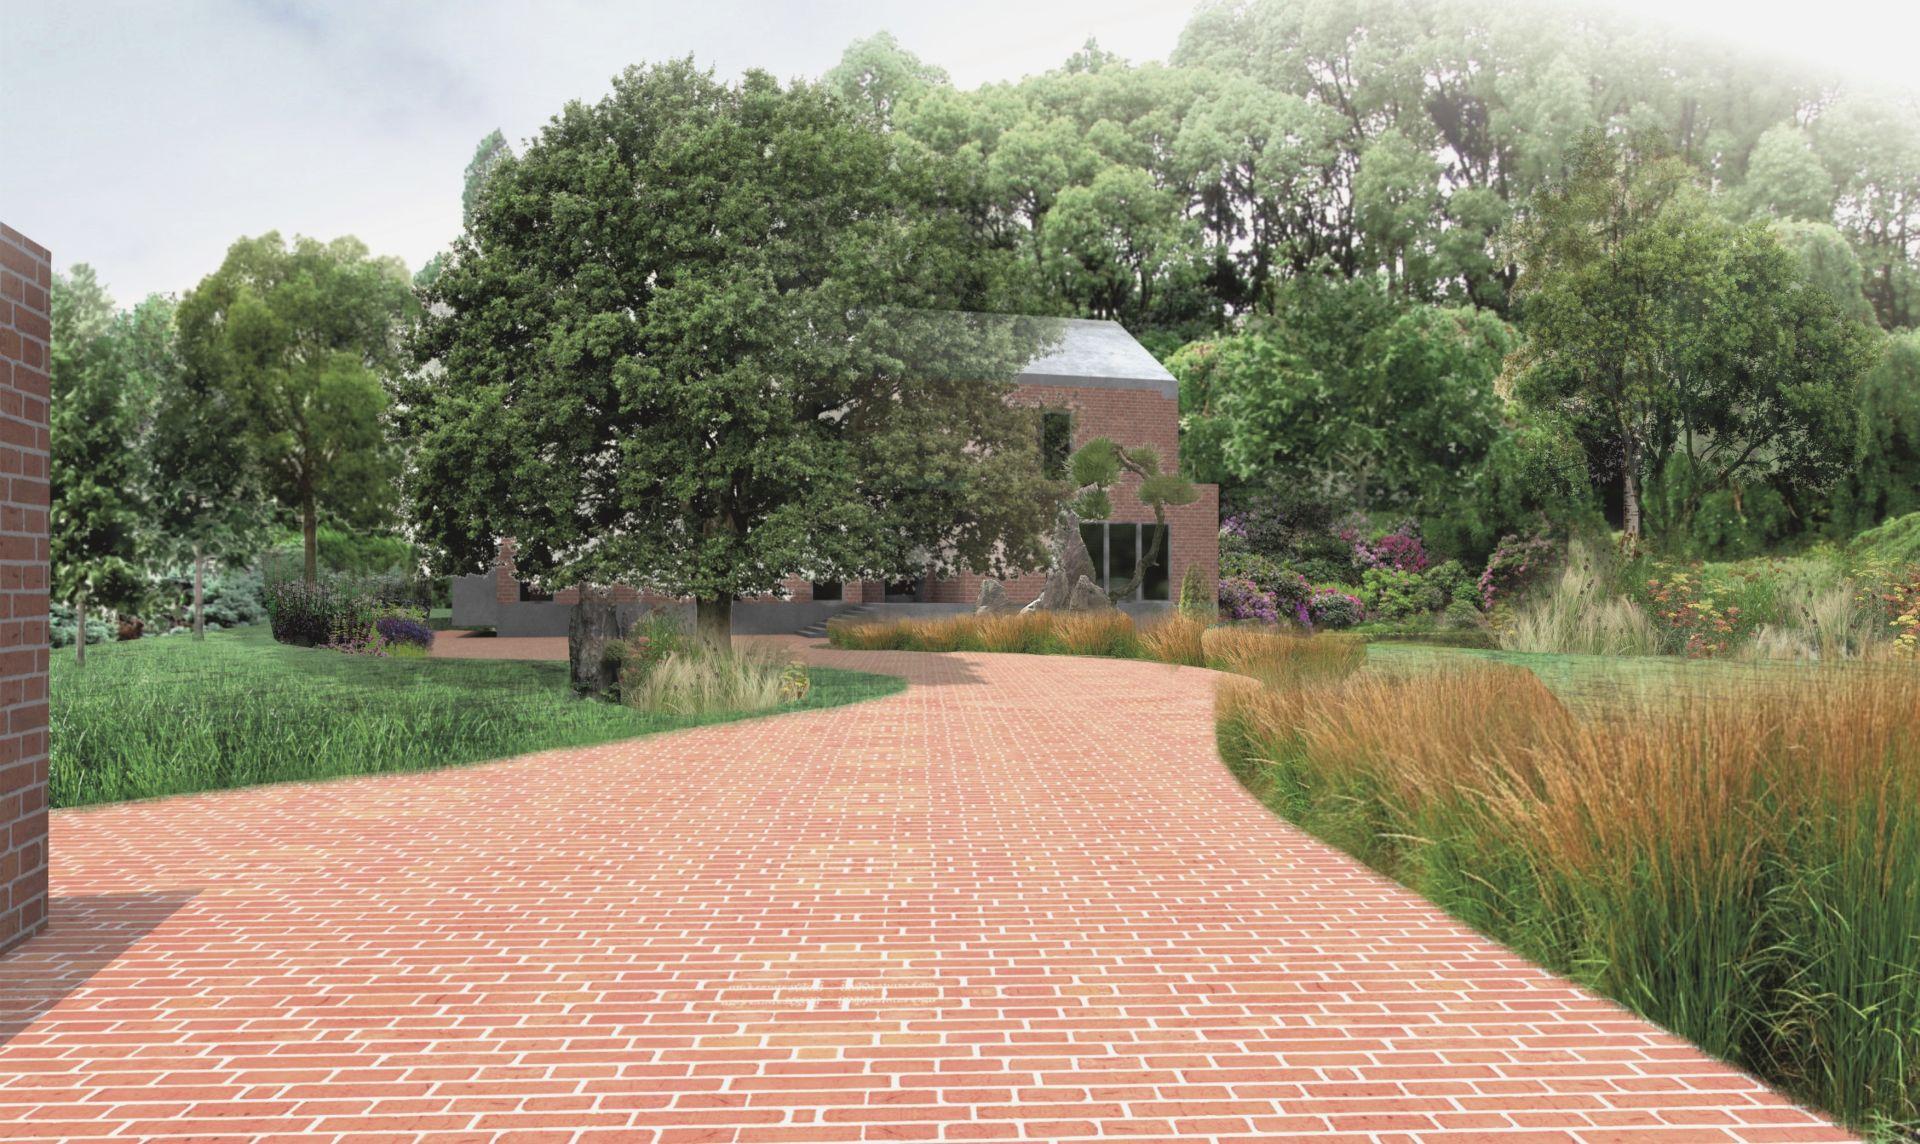 I ogród 3.jpg